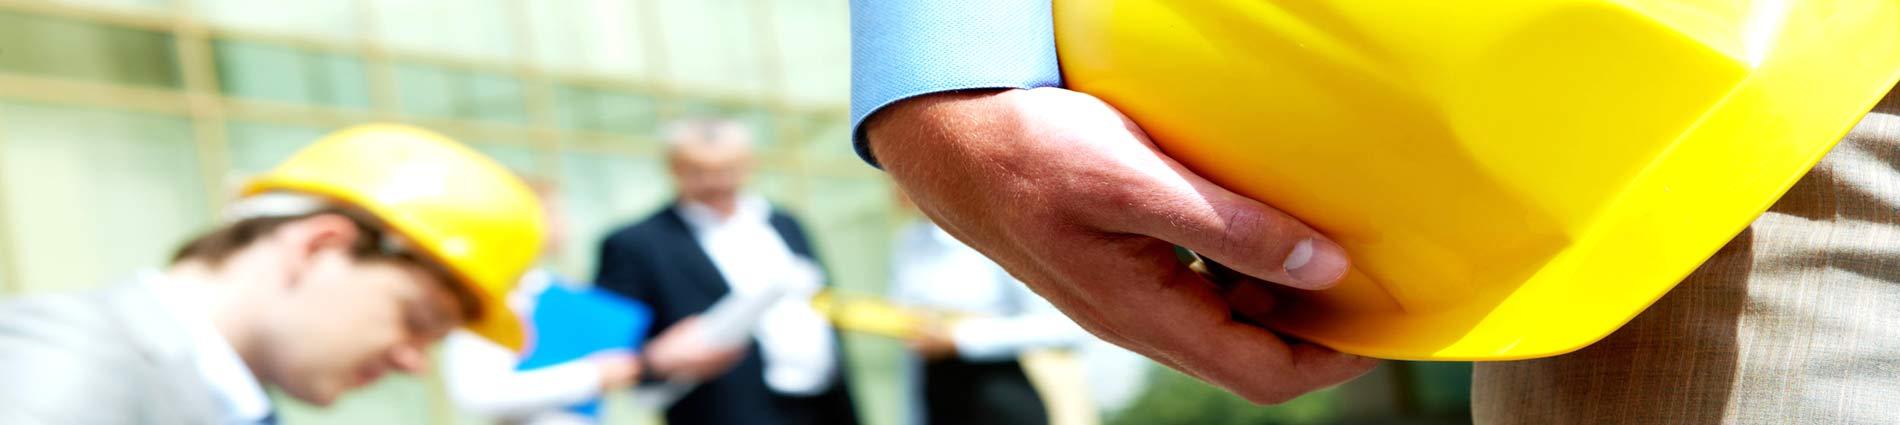 Immagine pagina Corso generale obbligatorio sicurezza sul lavoro